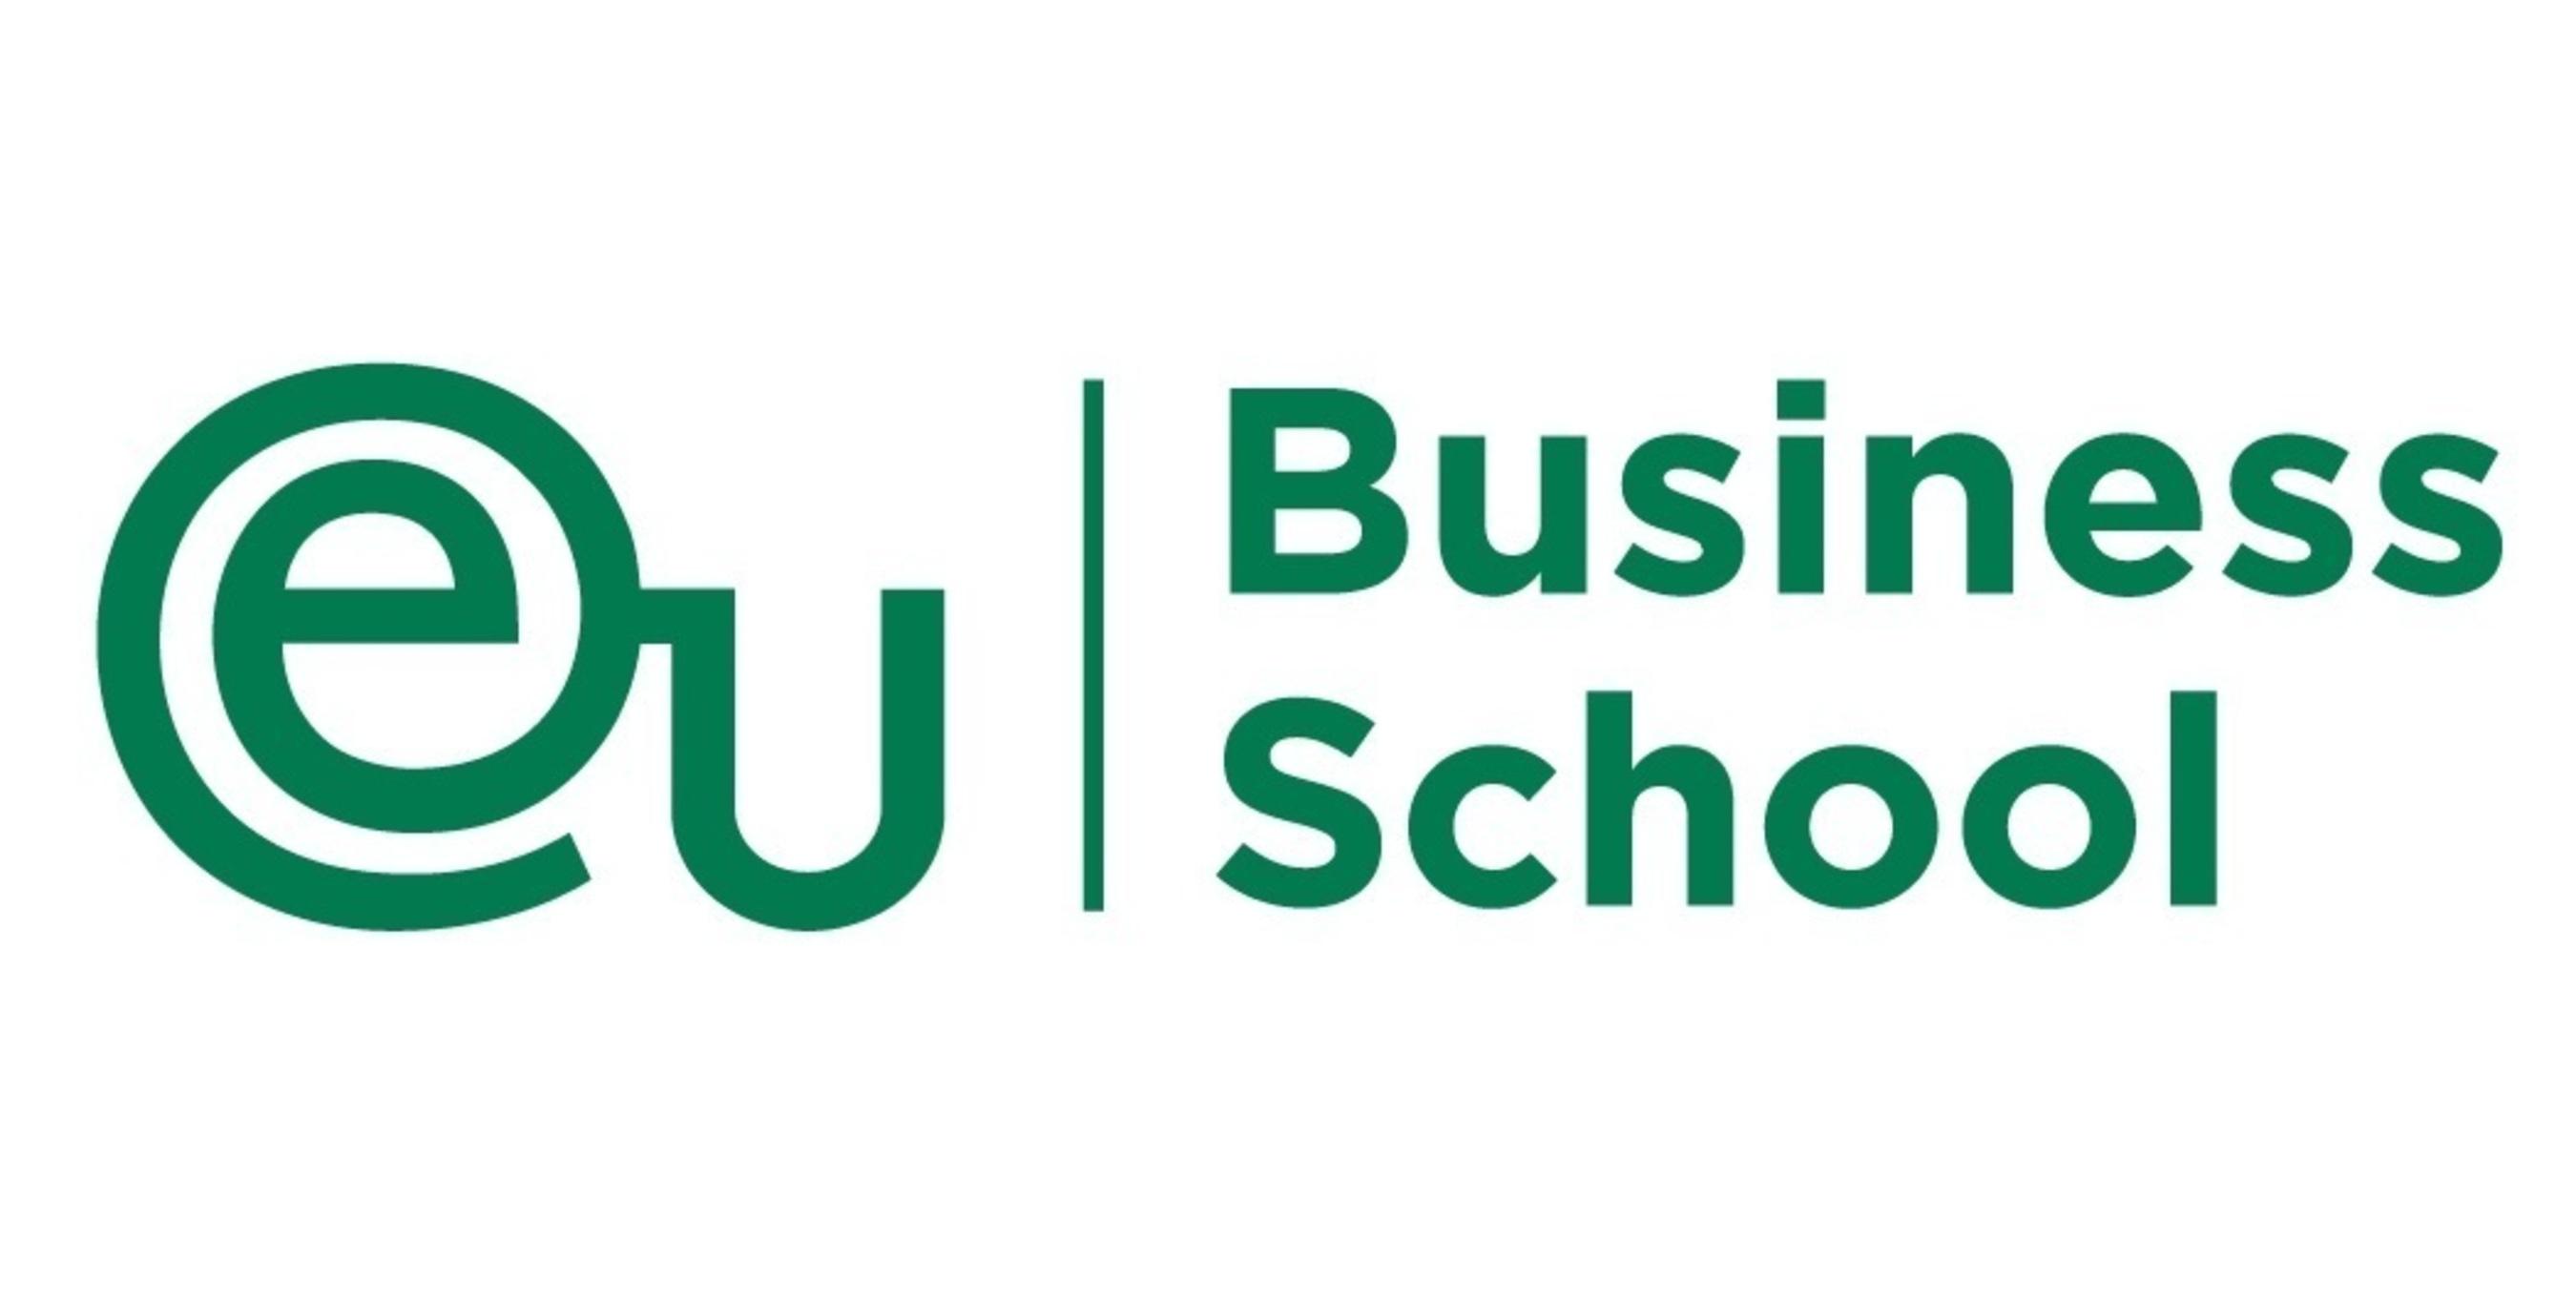 EU Business School Logo (PRNewsFoto/EU Business School)